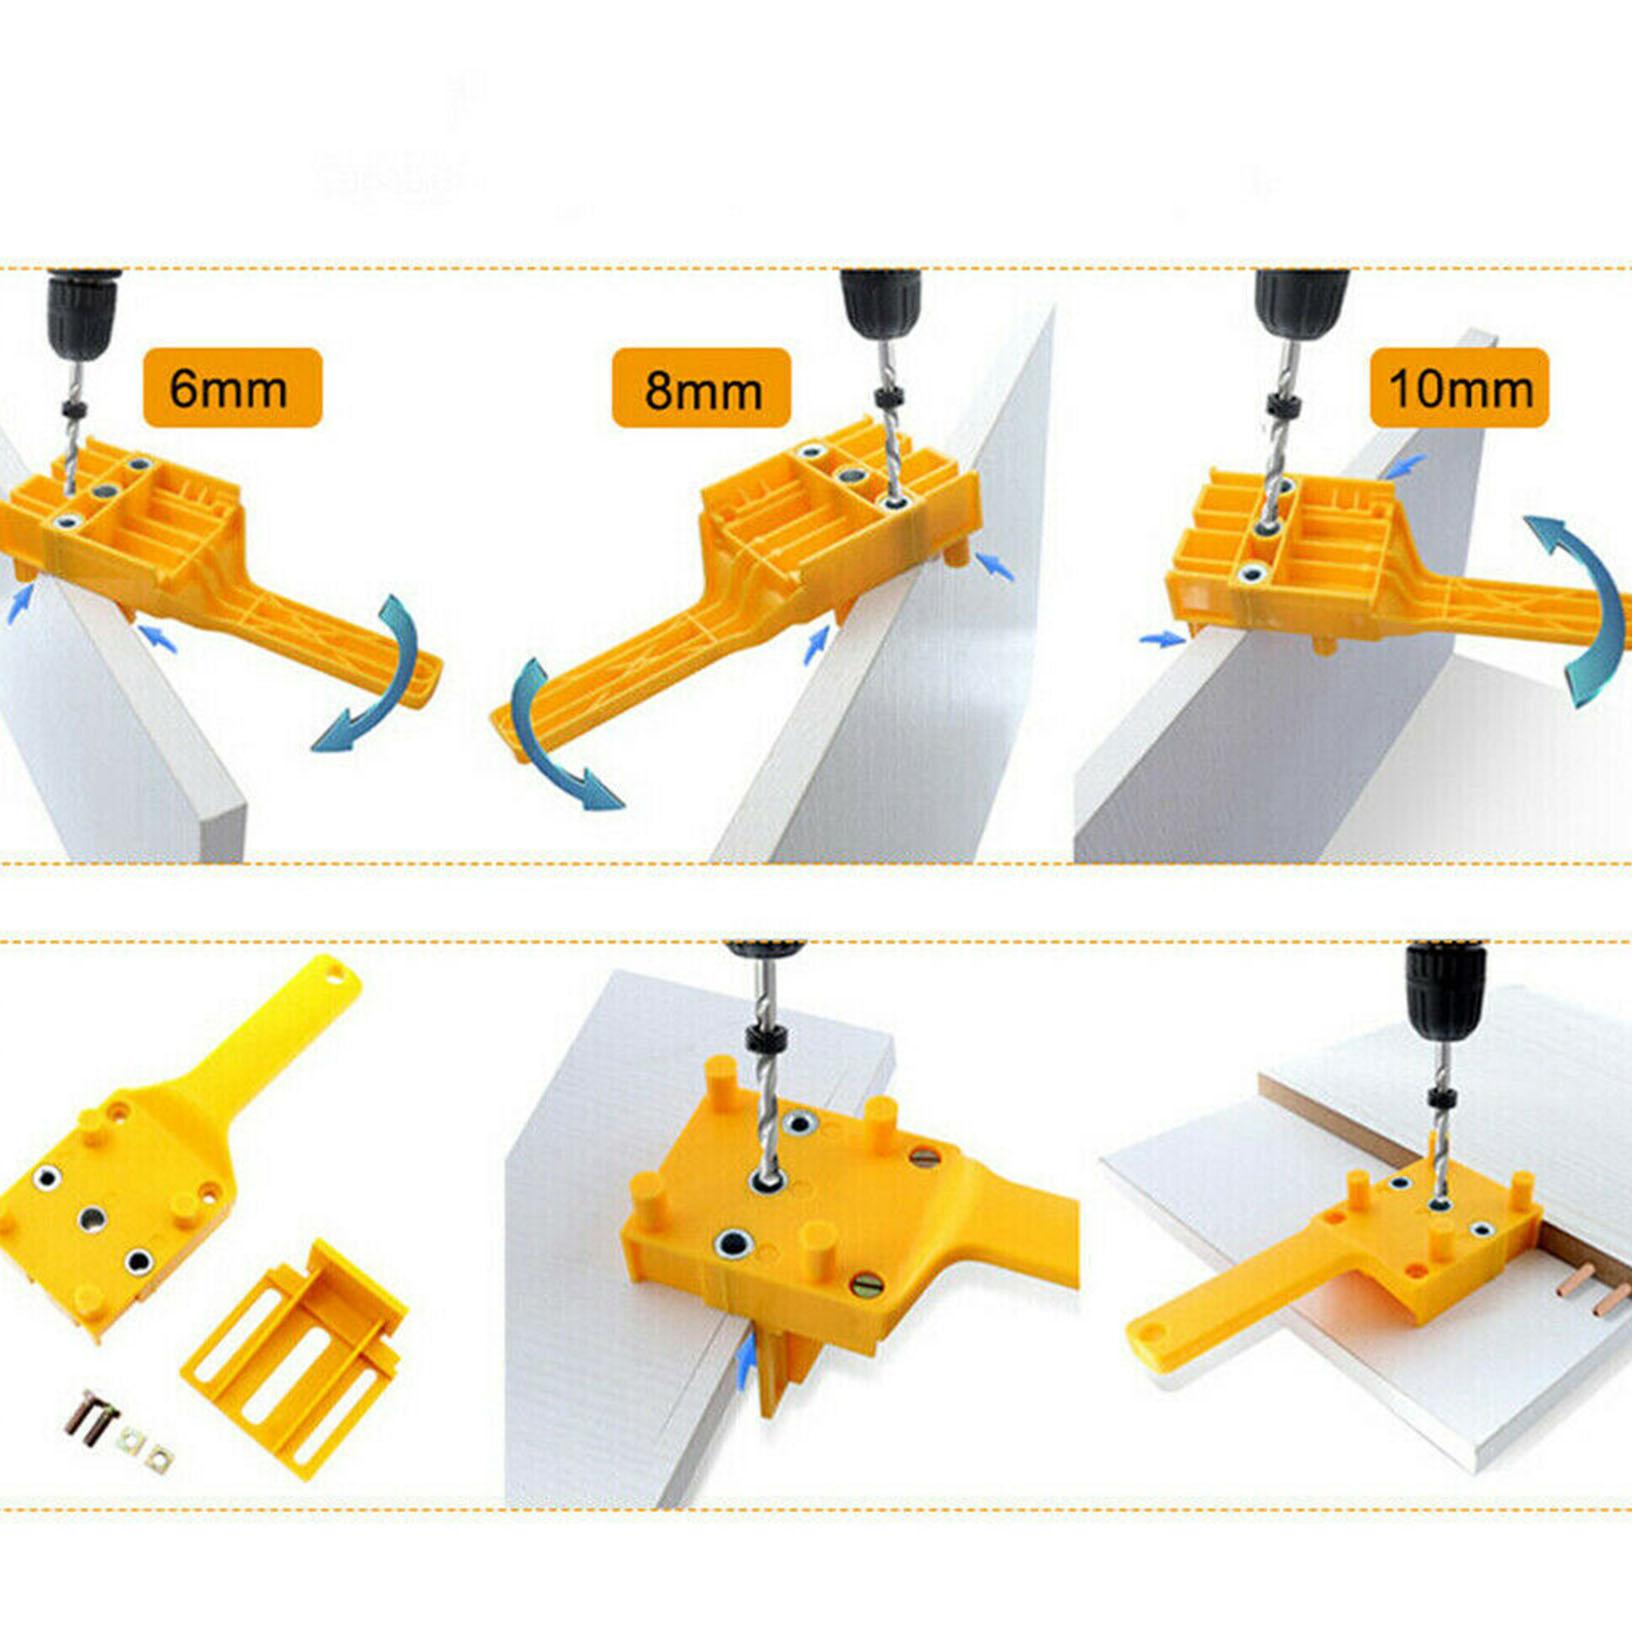 Chevilles Bohrlehre bohrhilfe pour 8 mm Chevilles